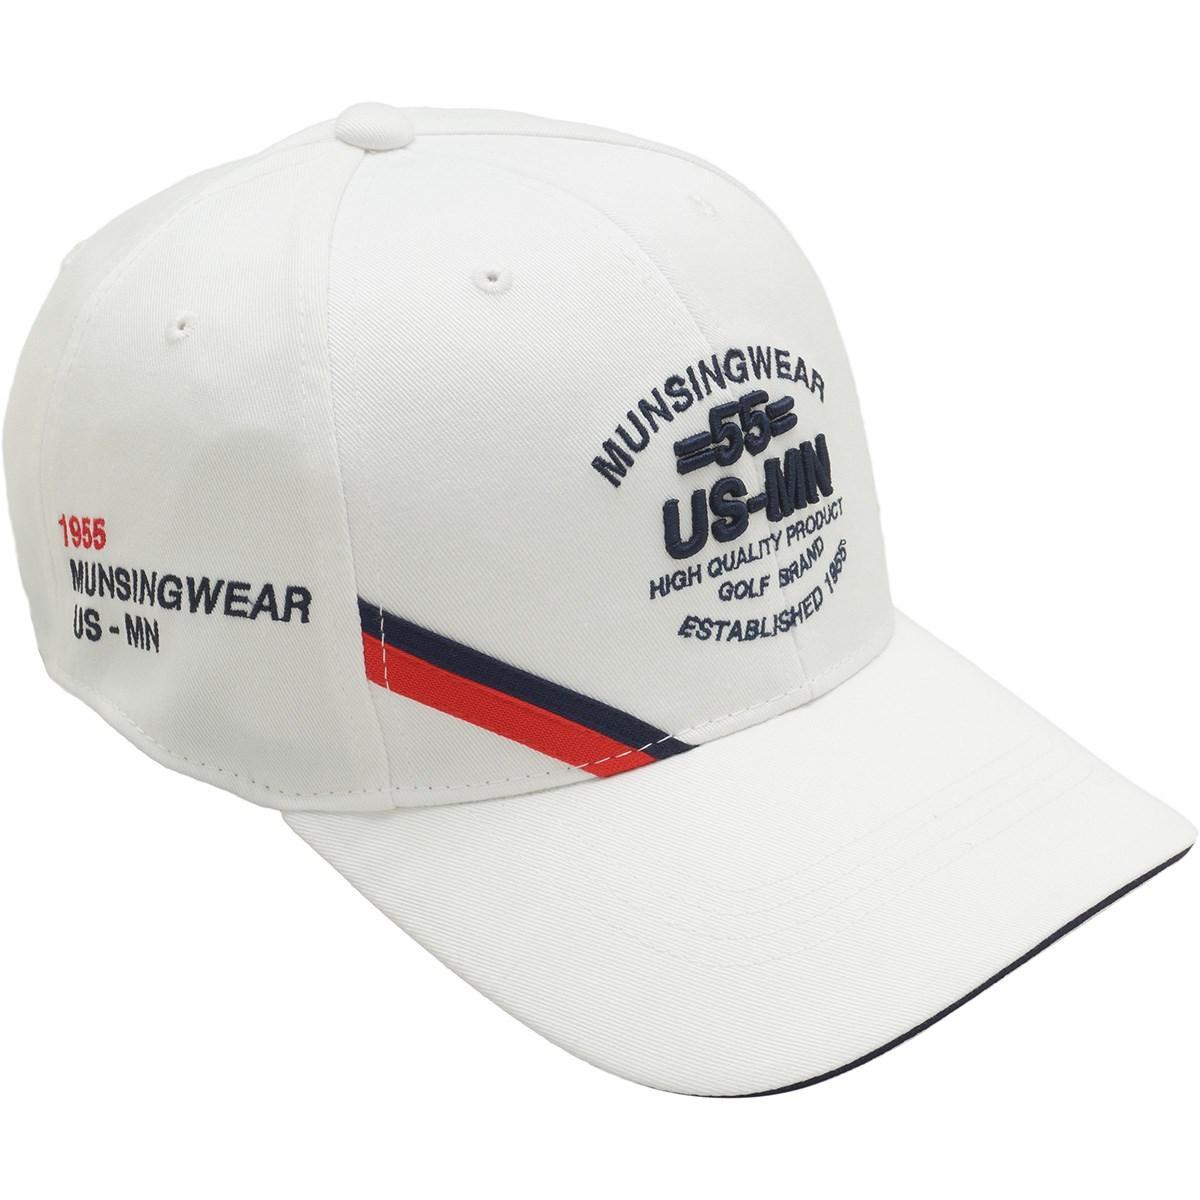 マンシングウェア Munsingwear ツイルキャップ フリー ホワイト 00